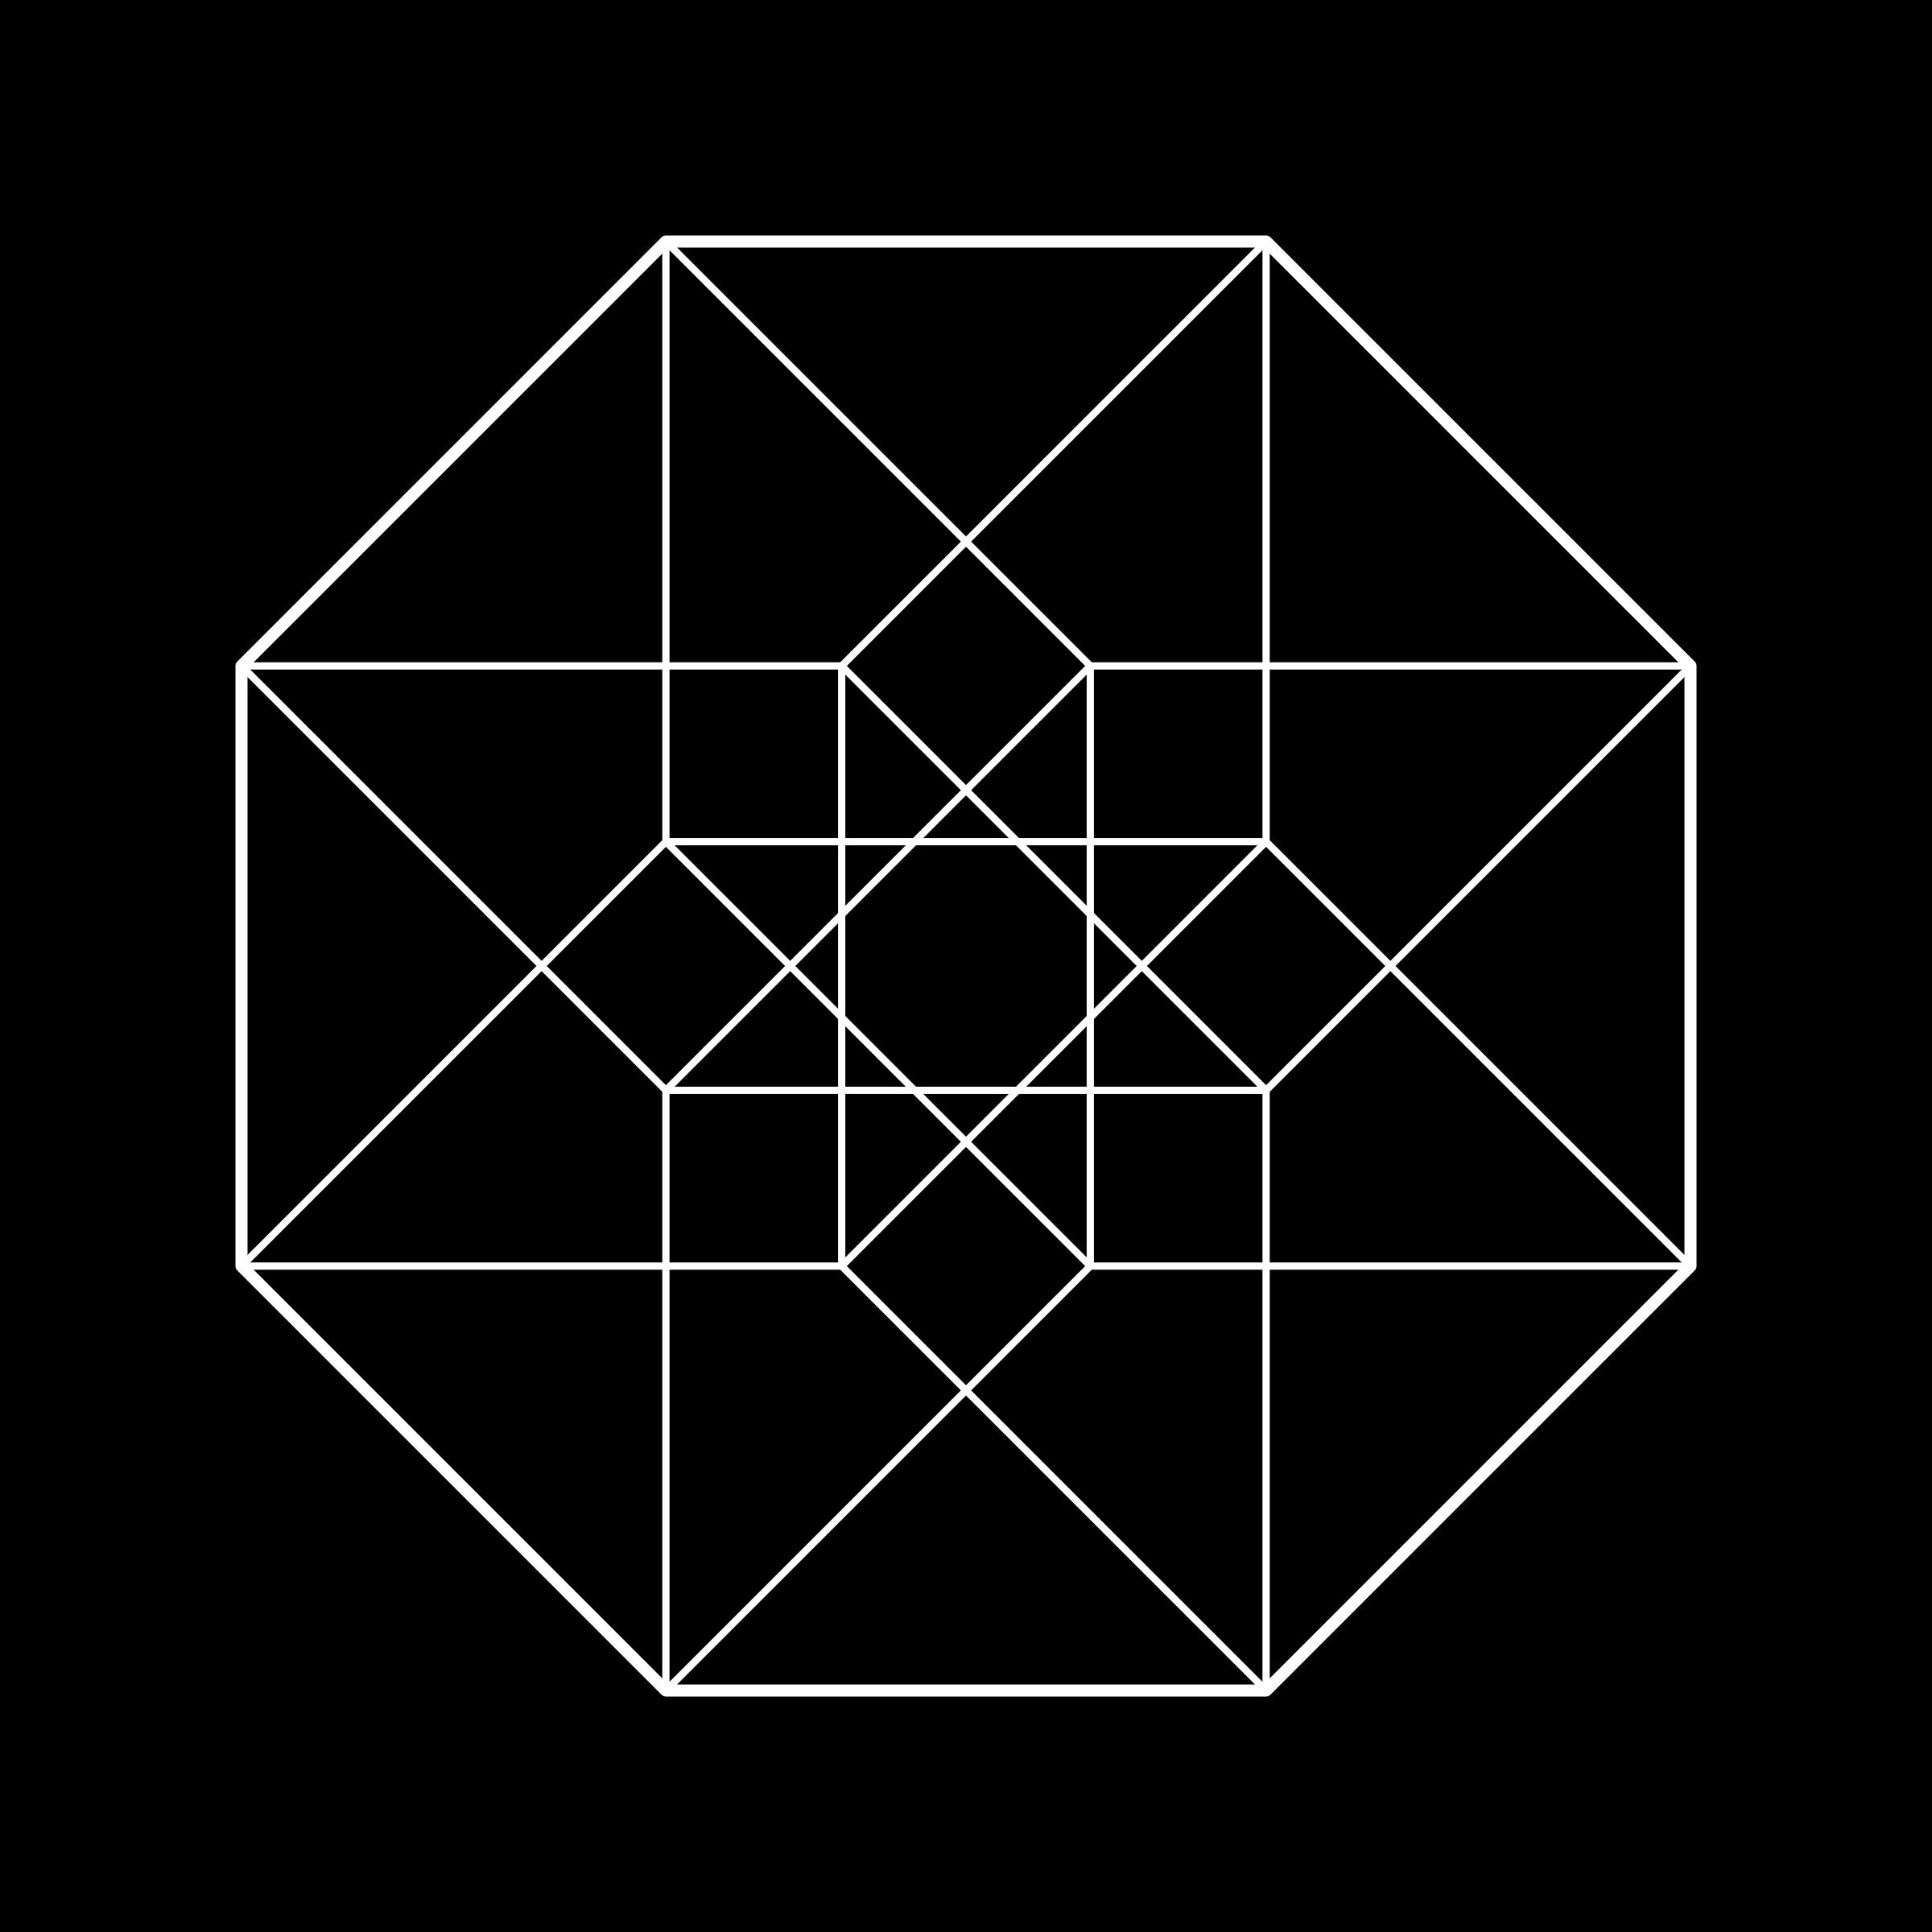 Hypercube clipart #12